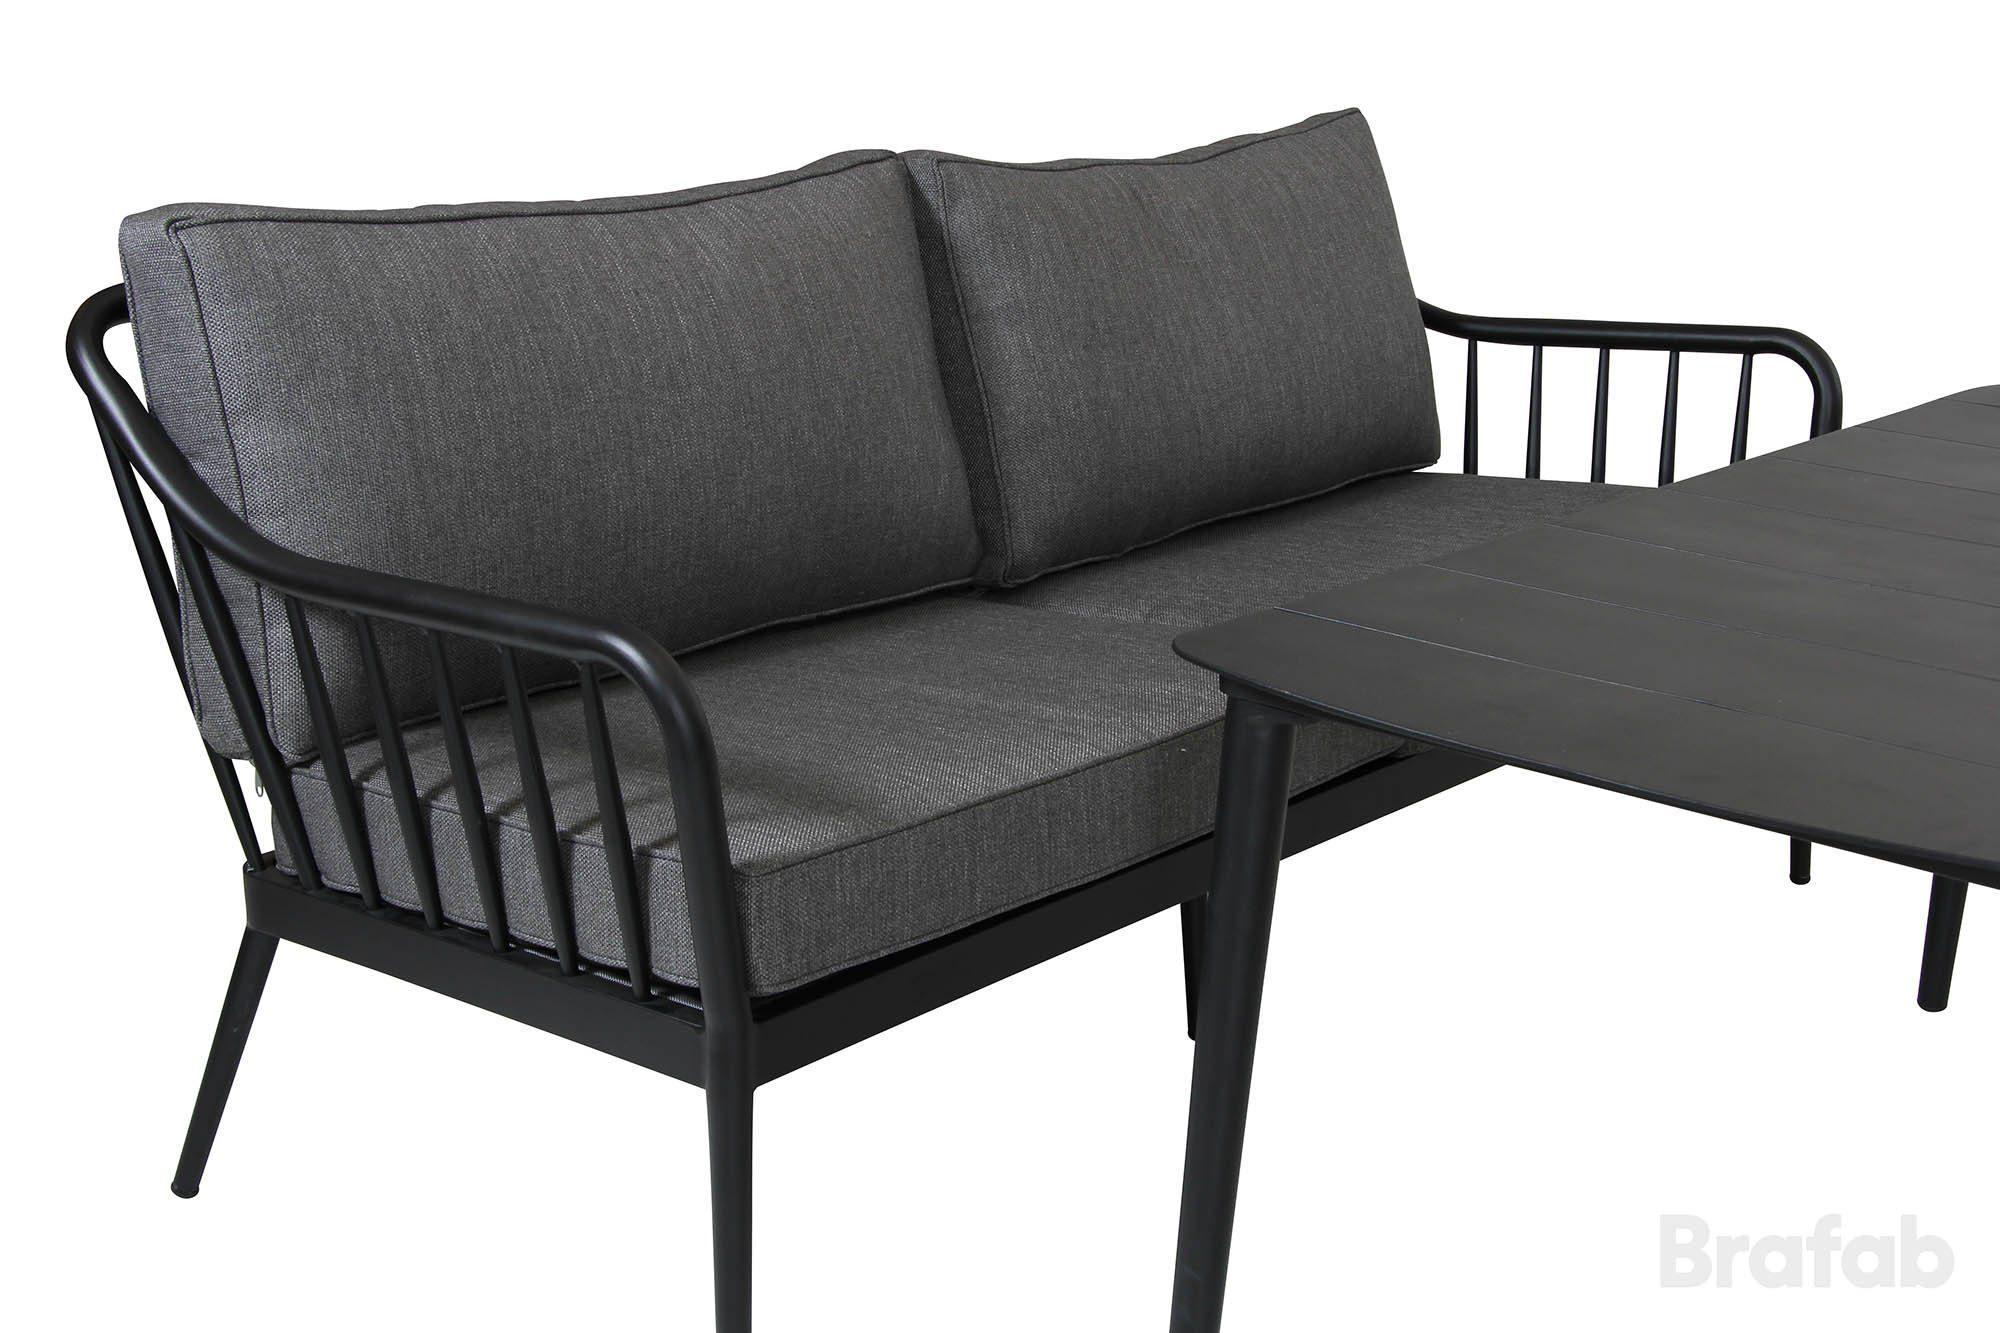 Coleville 3-sits soffa, en utemöbel tillverkad i aluminium med dynor i vädertåligt grått olefintyg från Brafab.